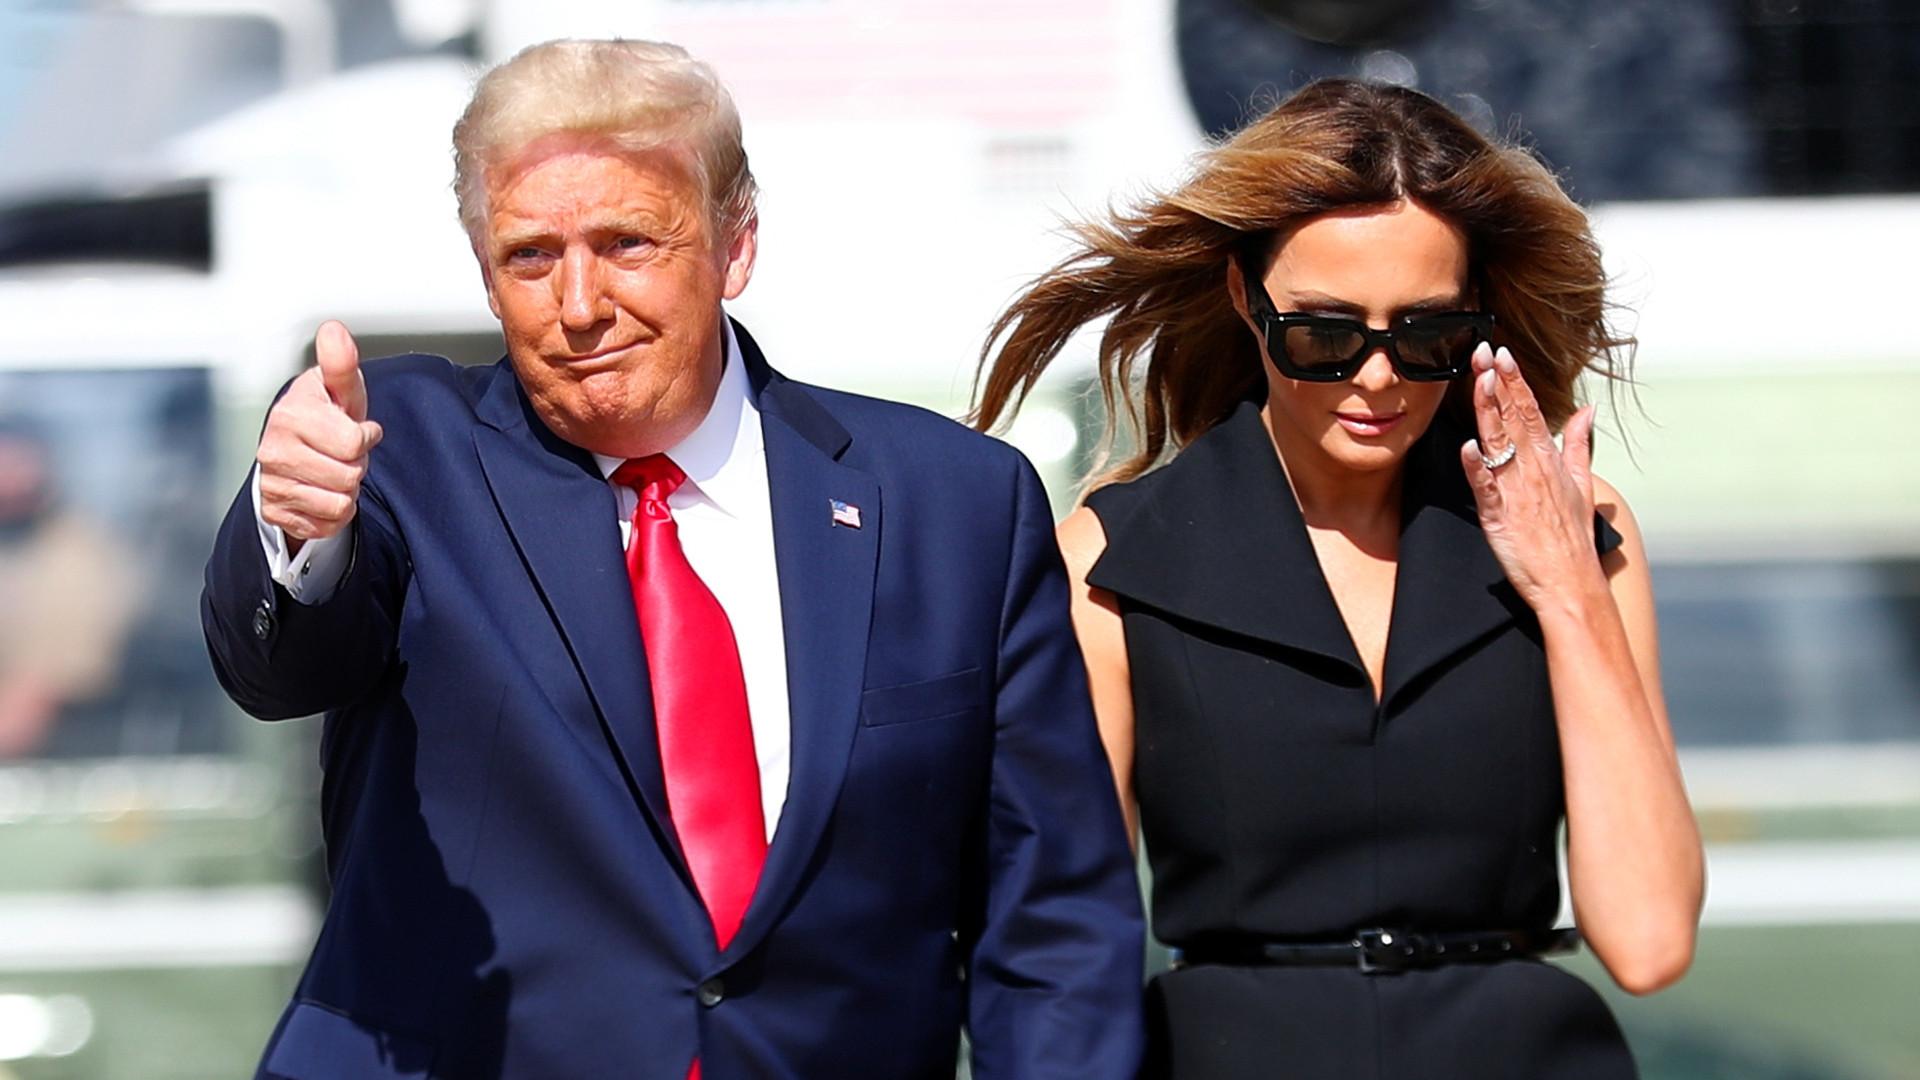 Nowe zdjęcie Melanii Trump udowadnia, że została zastąpiona SOBOWTÓREM?